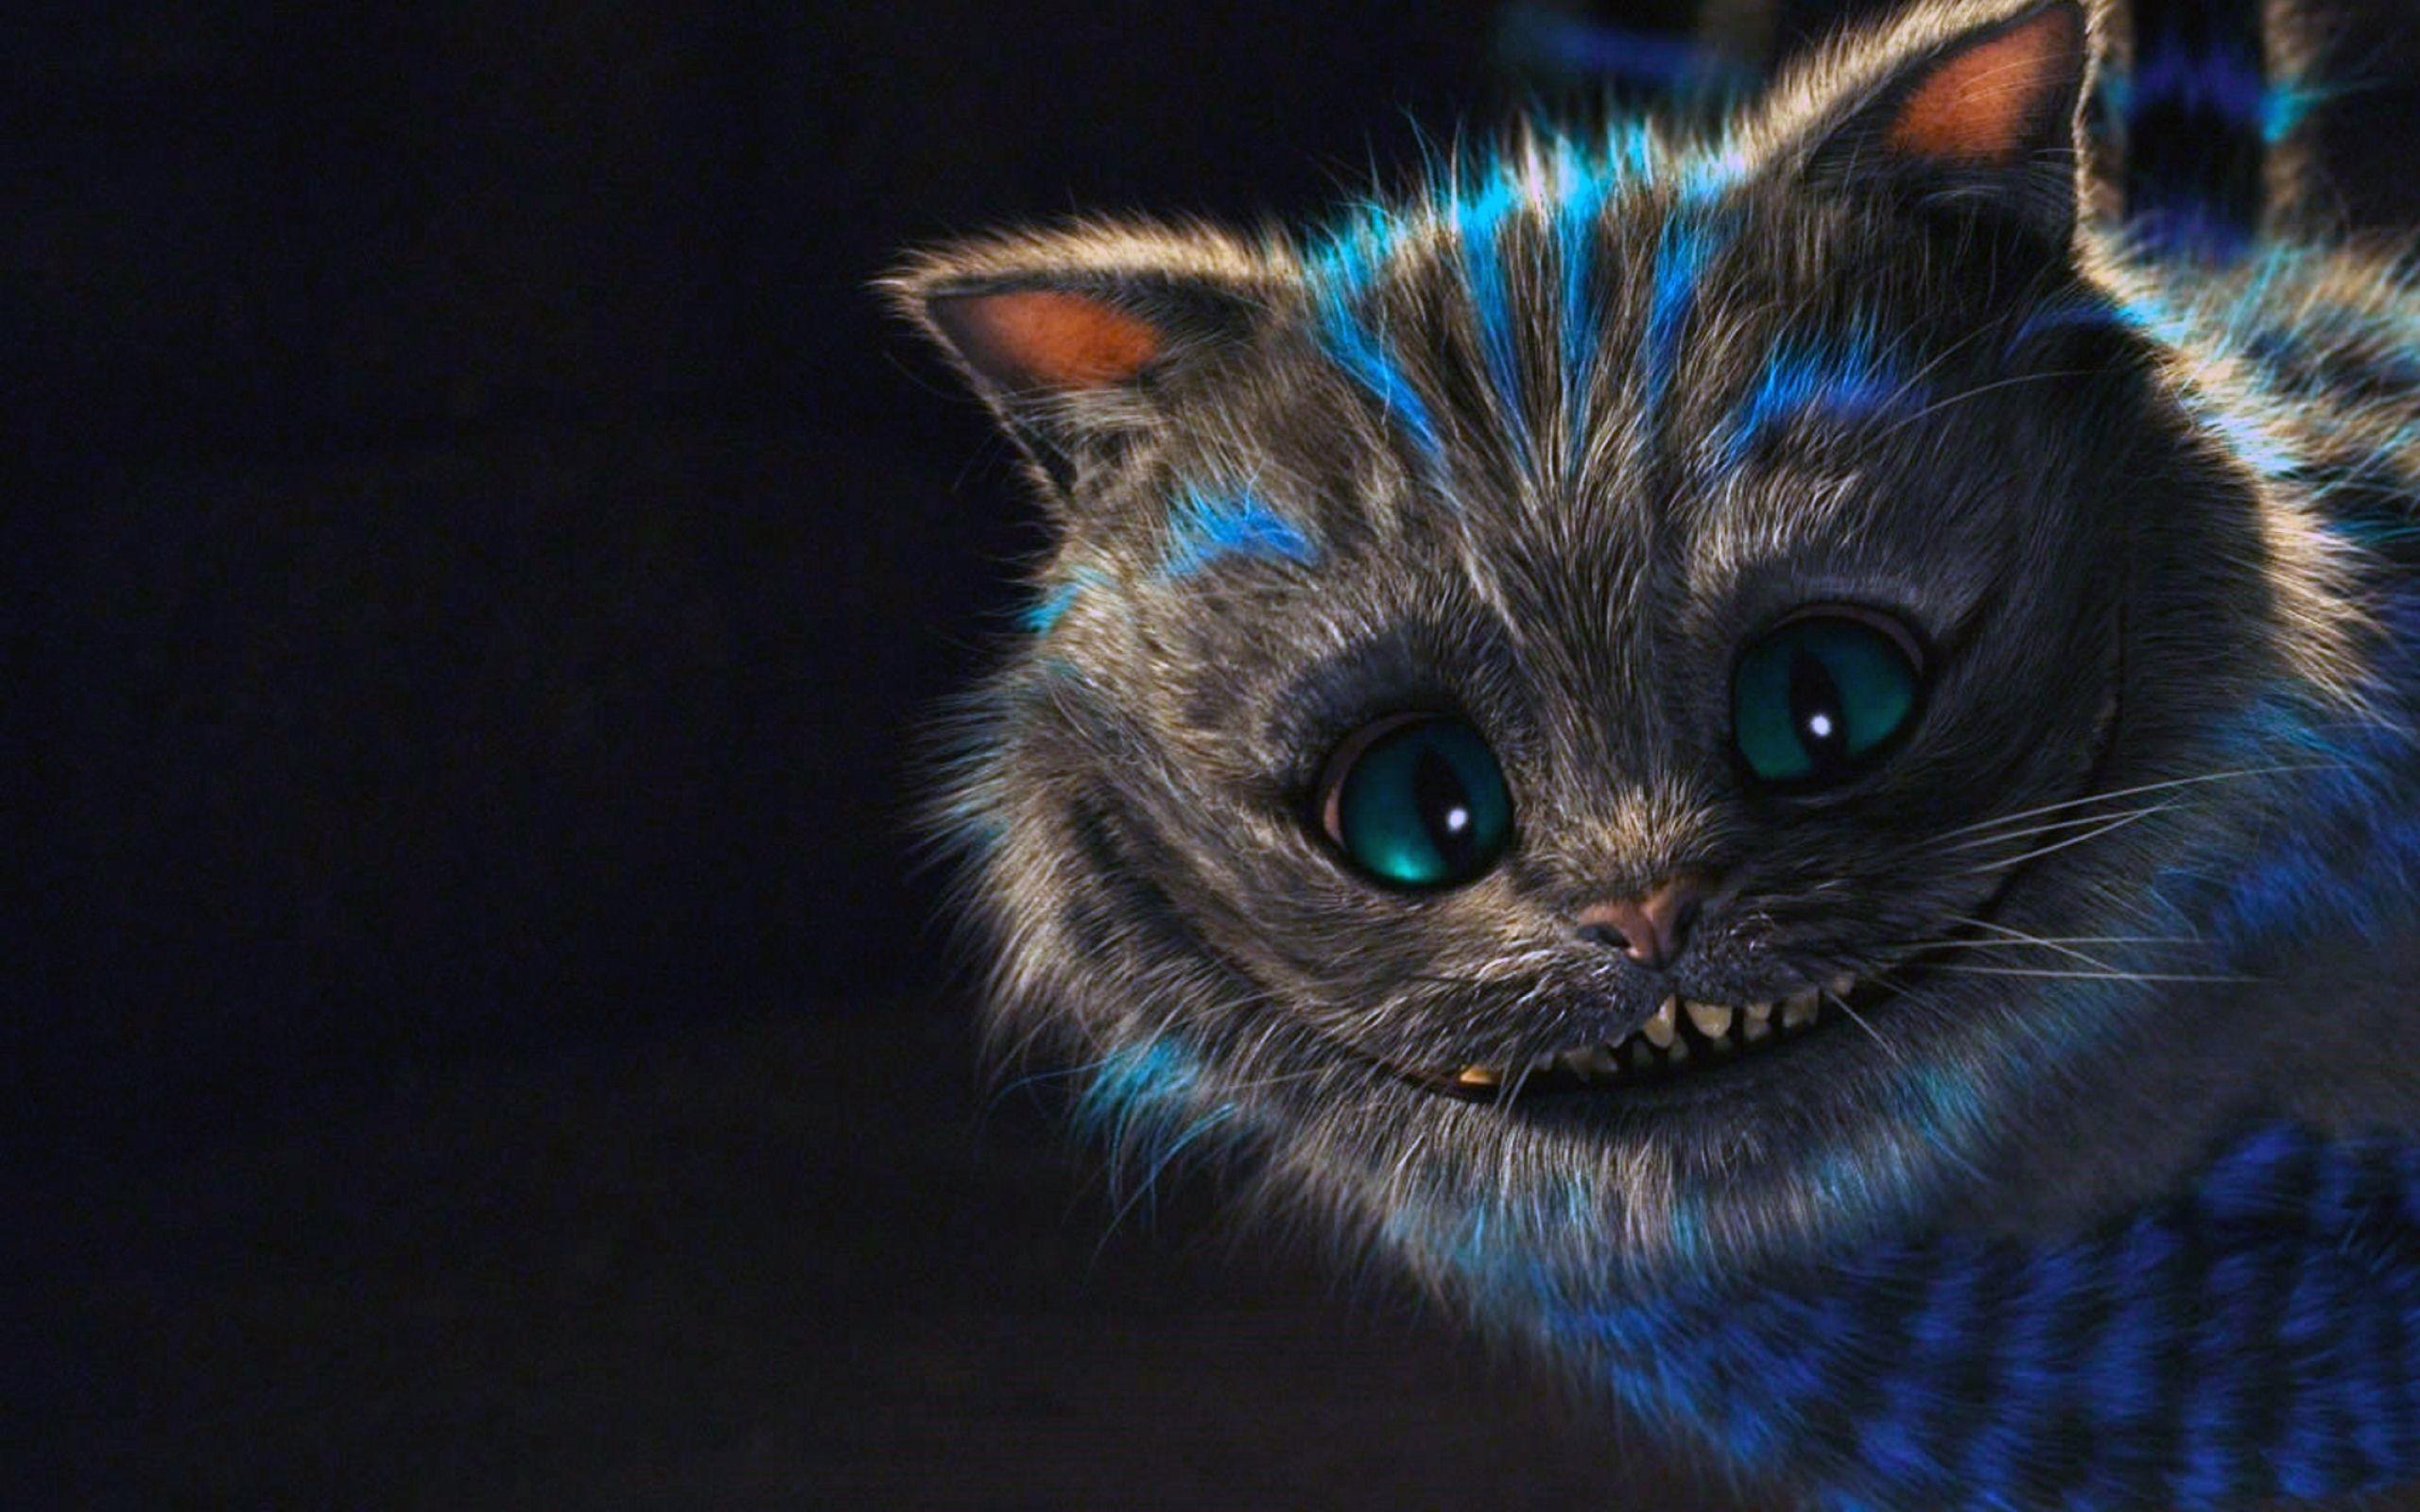 trippy cat wallpaper hd - photo #21